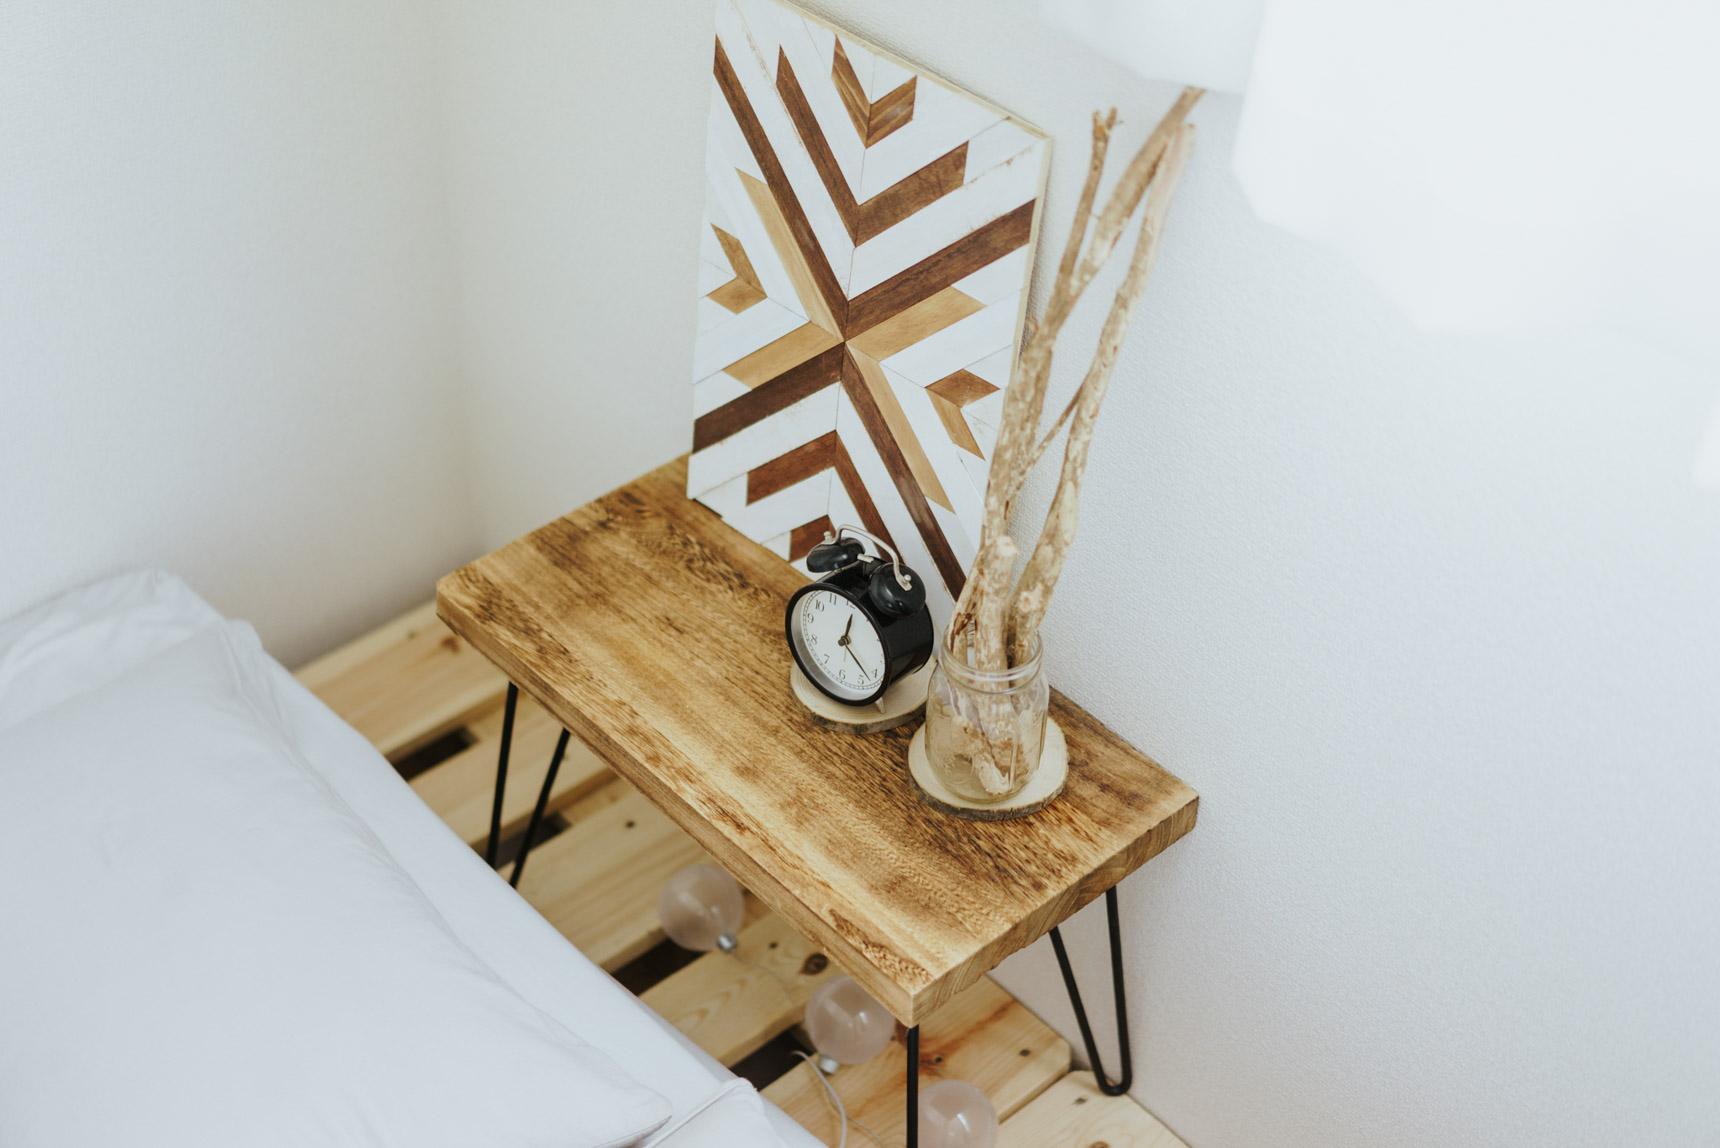 枕元に飾られているのも、自然素材で幾何学模様。